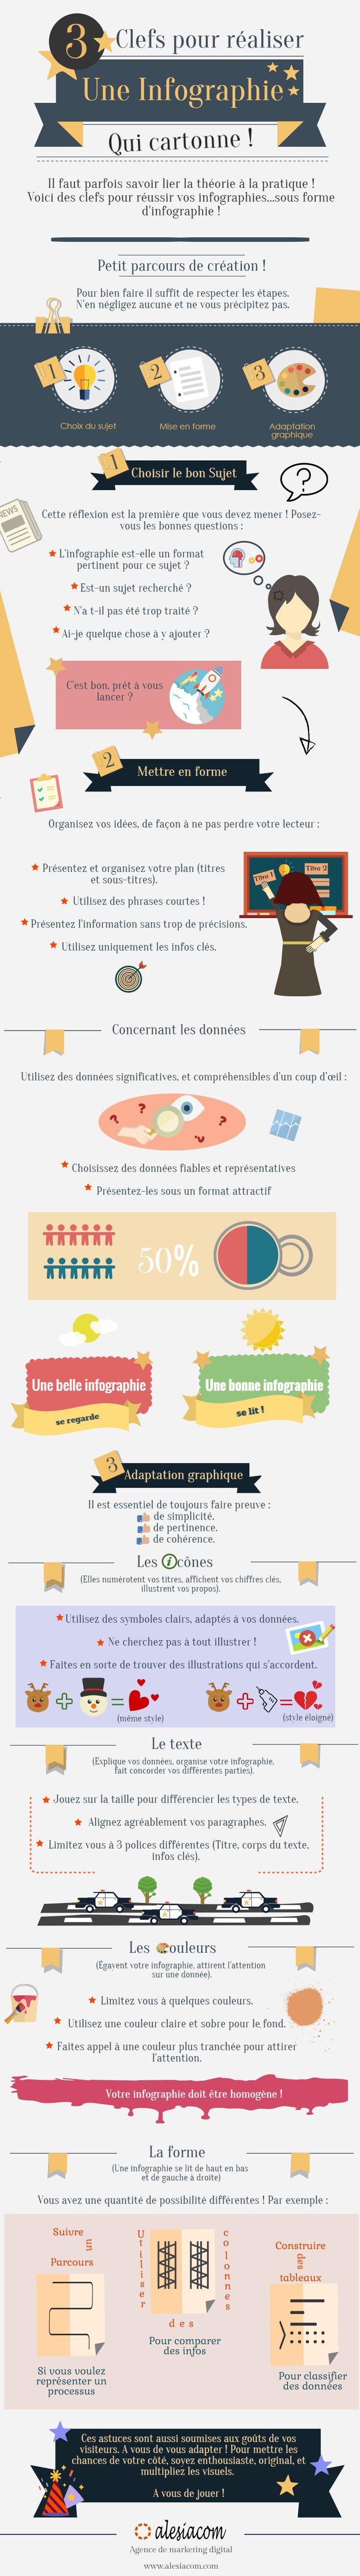 3 CLÉS pour réaliser une infographie parfaite - content marketing